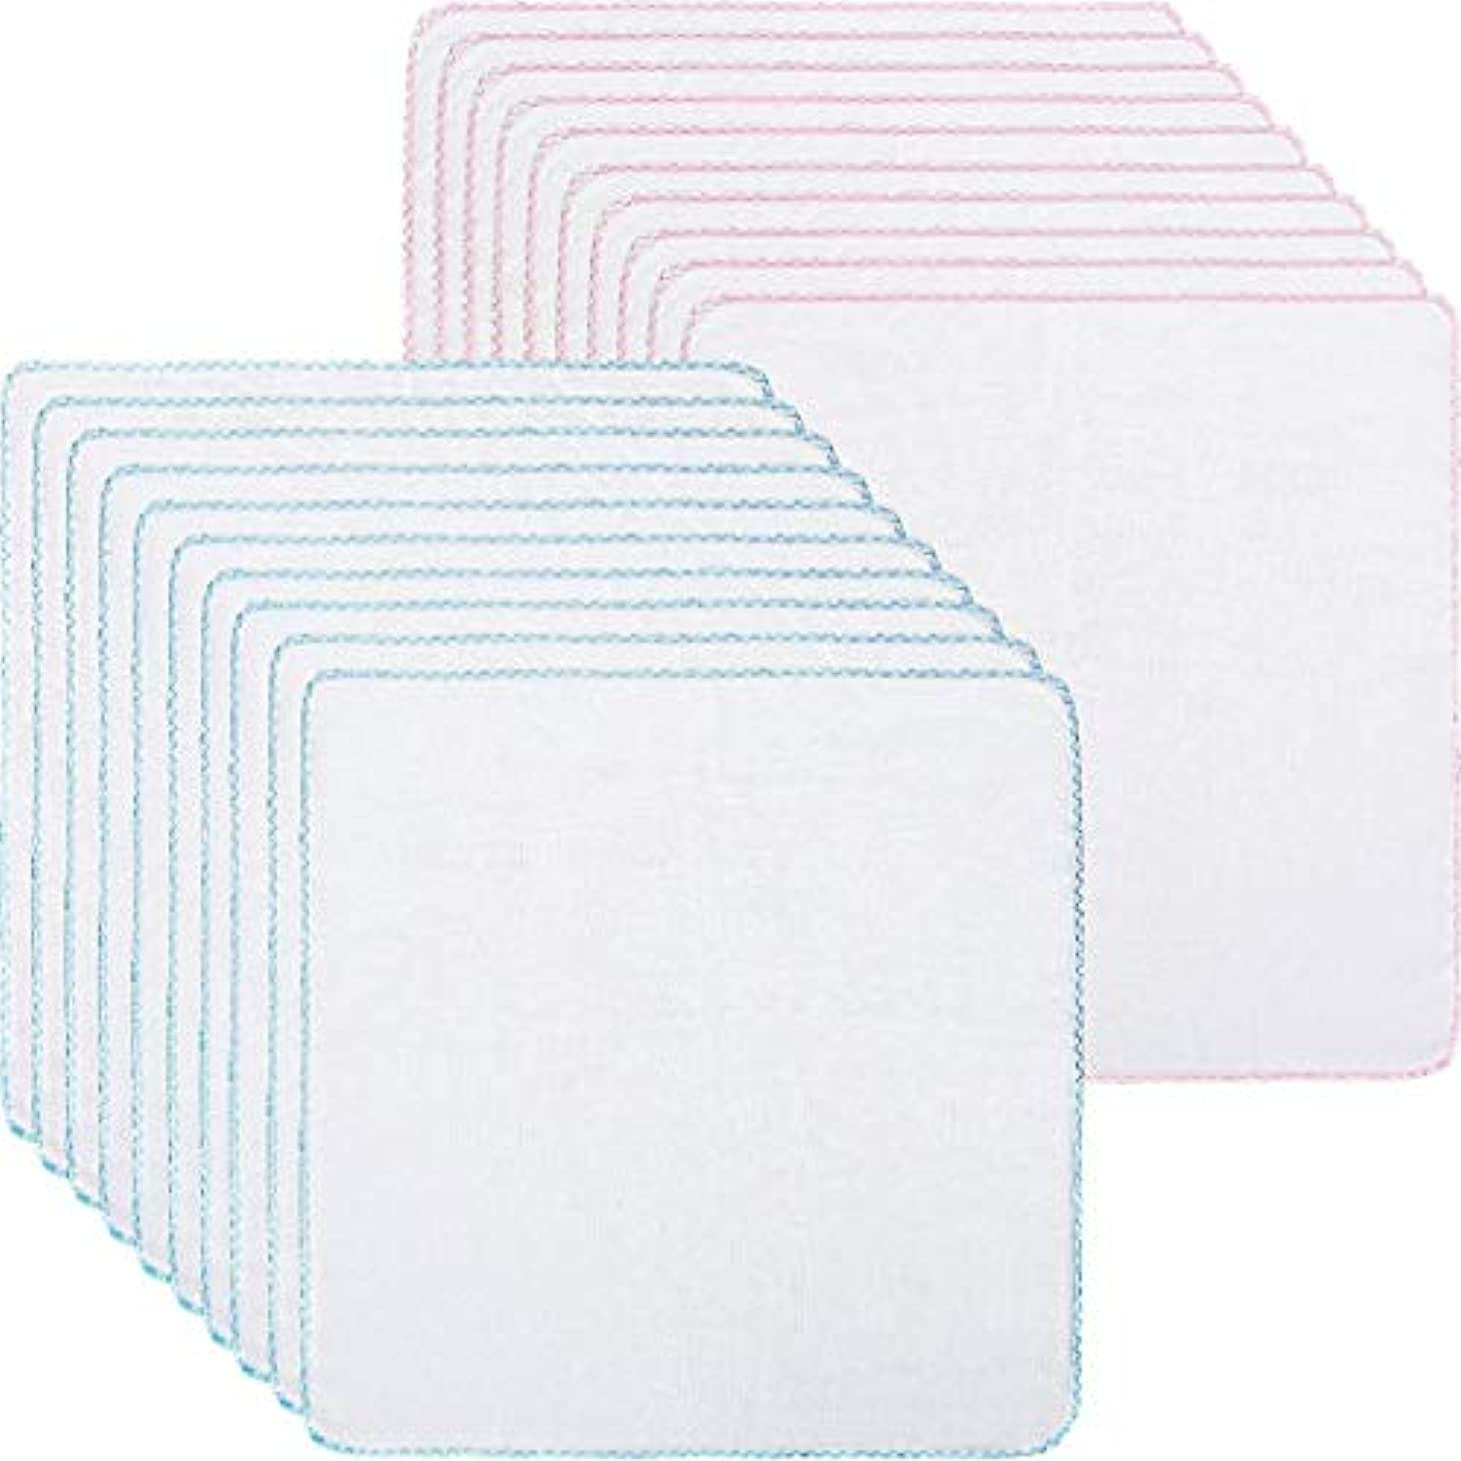 バイオレット急いで護衛Quzama-JS 実用的な20ピースピュアコットンフェイシャルクレンジングmuslinクロスソフトフェイシャルクレンジングメイクリムーバー布、青とピンク